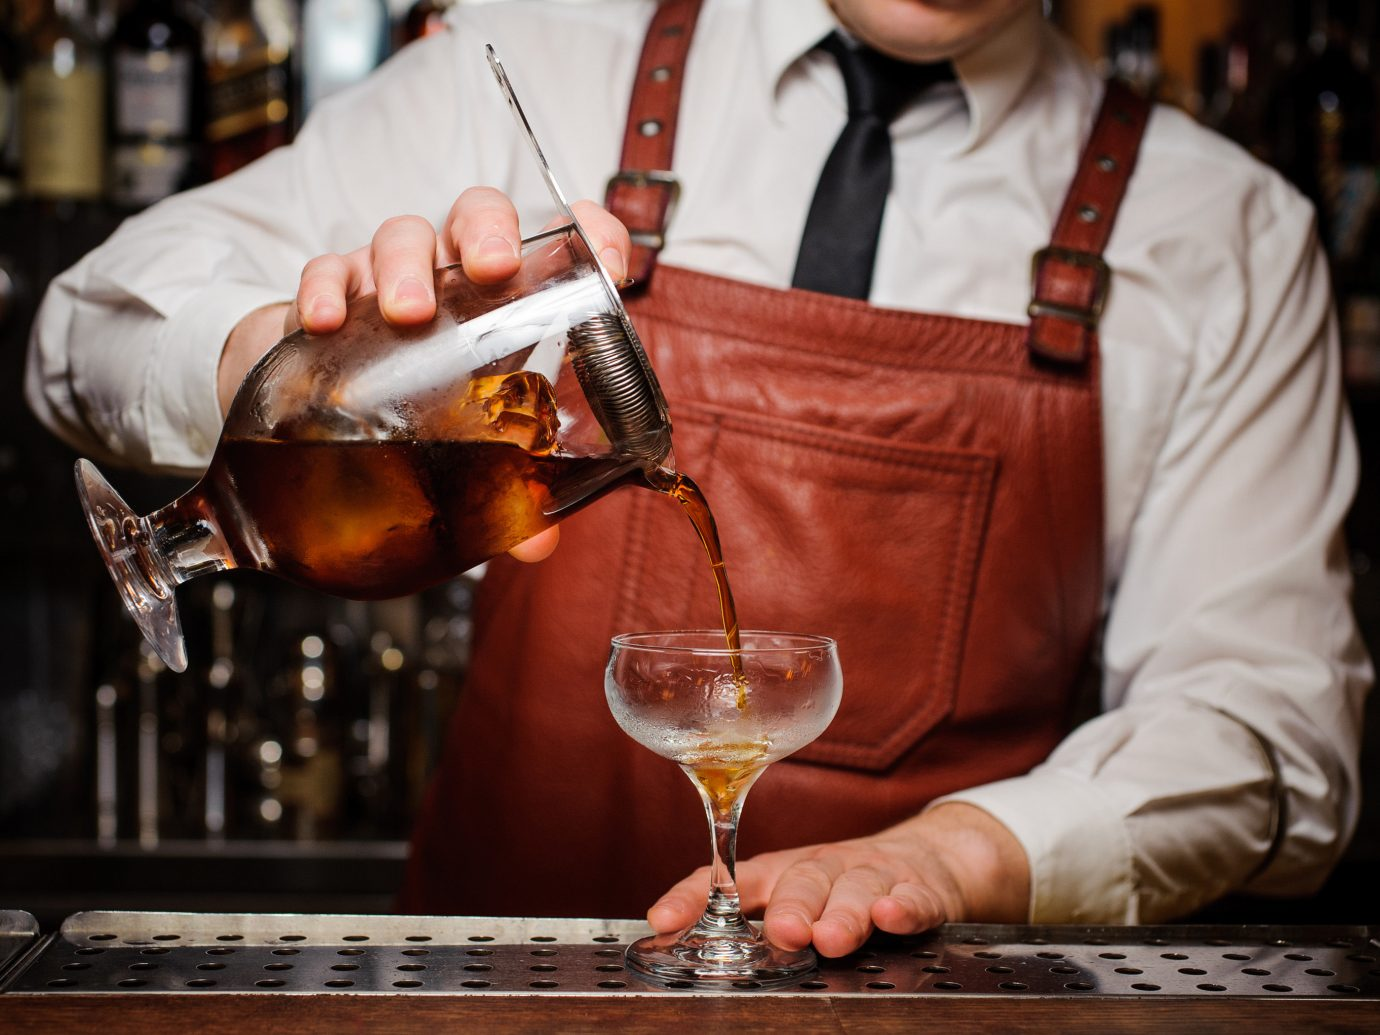 Food + Drink person wine alcoholic beverage Drink alcohol distilled beverage sense